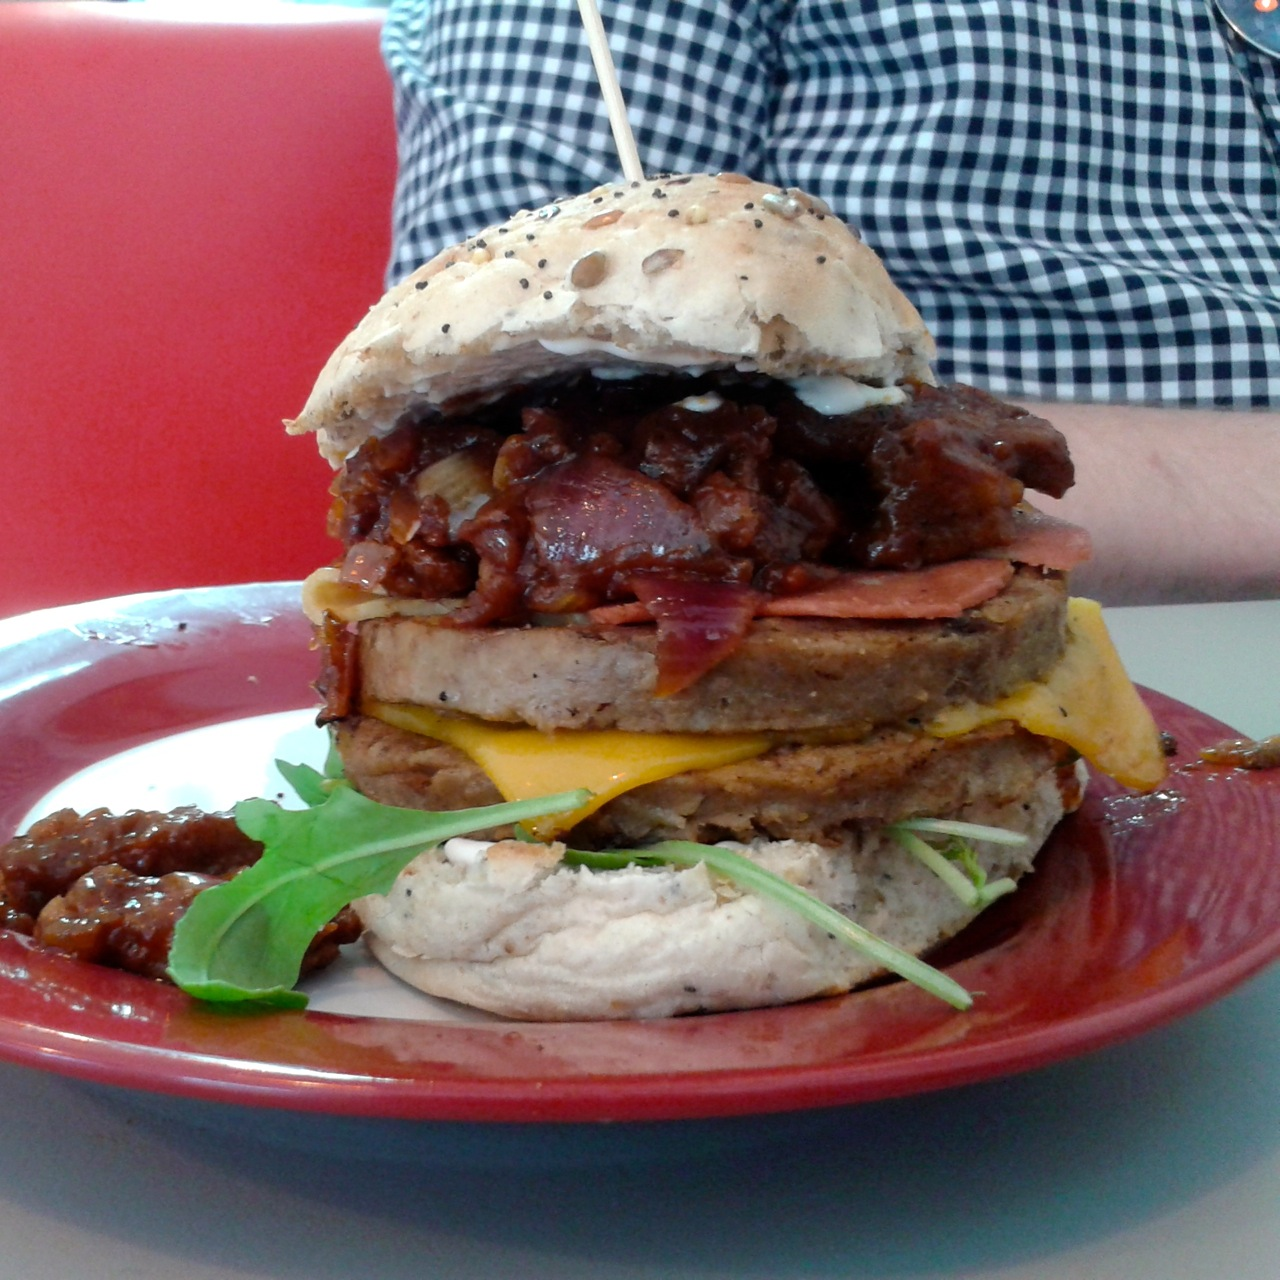 https://i0.wp.com/fatgayvegan.com/wp-content/uploads/2014/06/burger1.jpg?fit=1280%2C1280